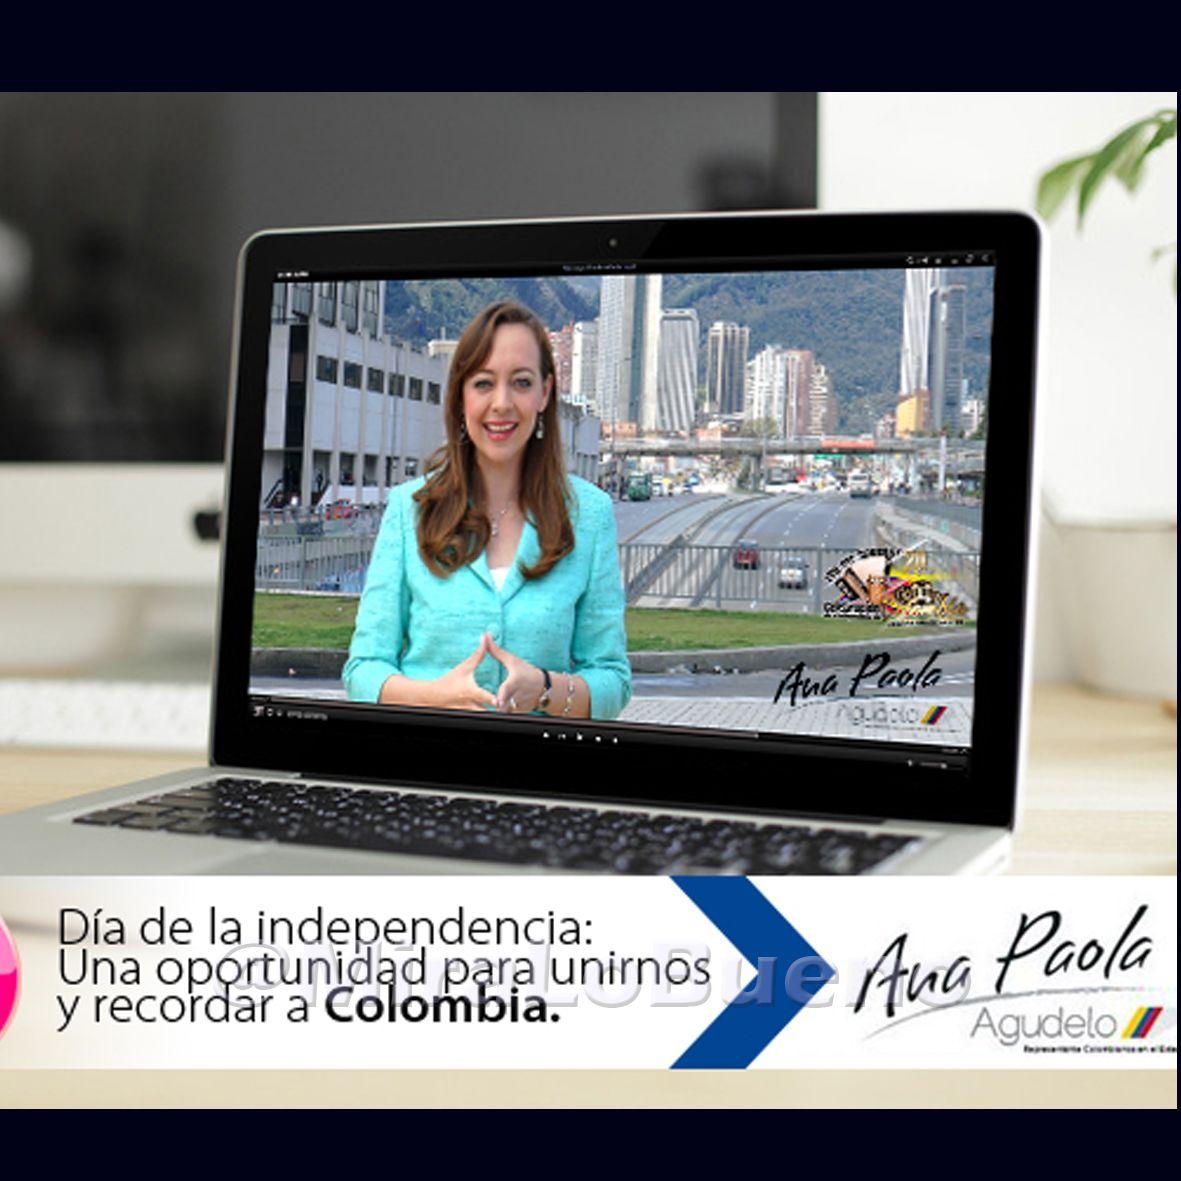 COLOMBIANOS ¡ESTE 20 DE JULIO CELEBREMOS JUNTOS LA INDEPENDENCIA!